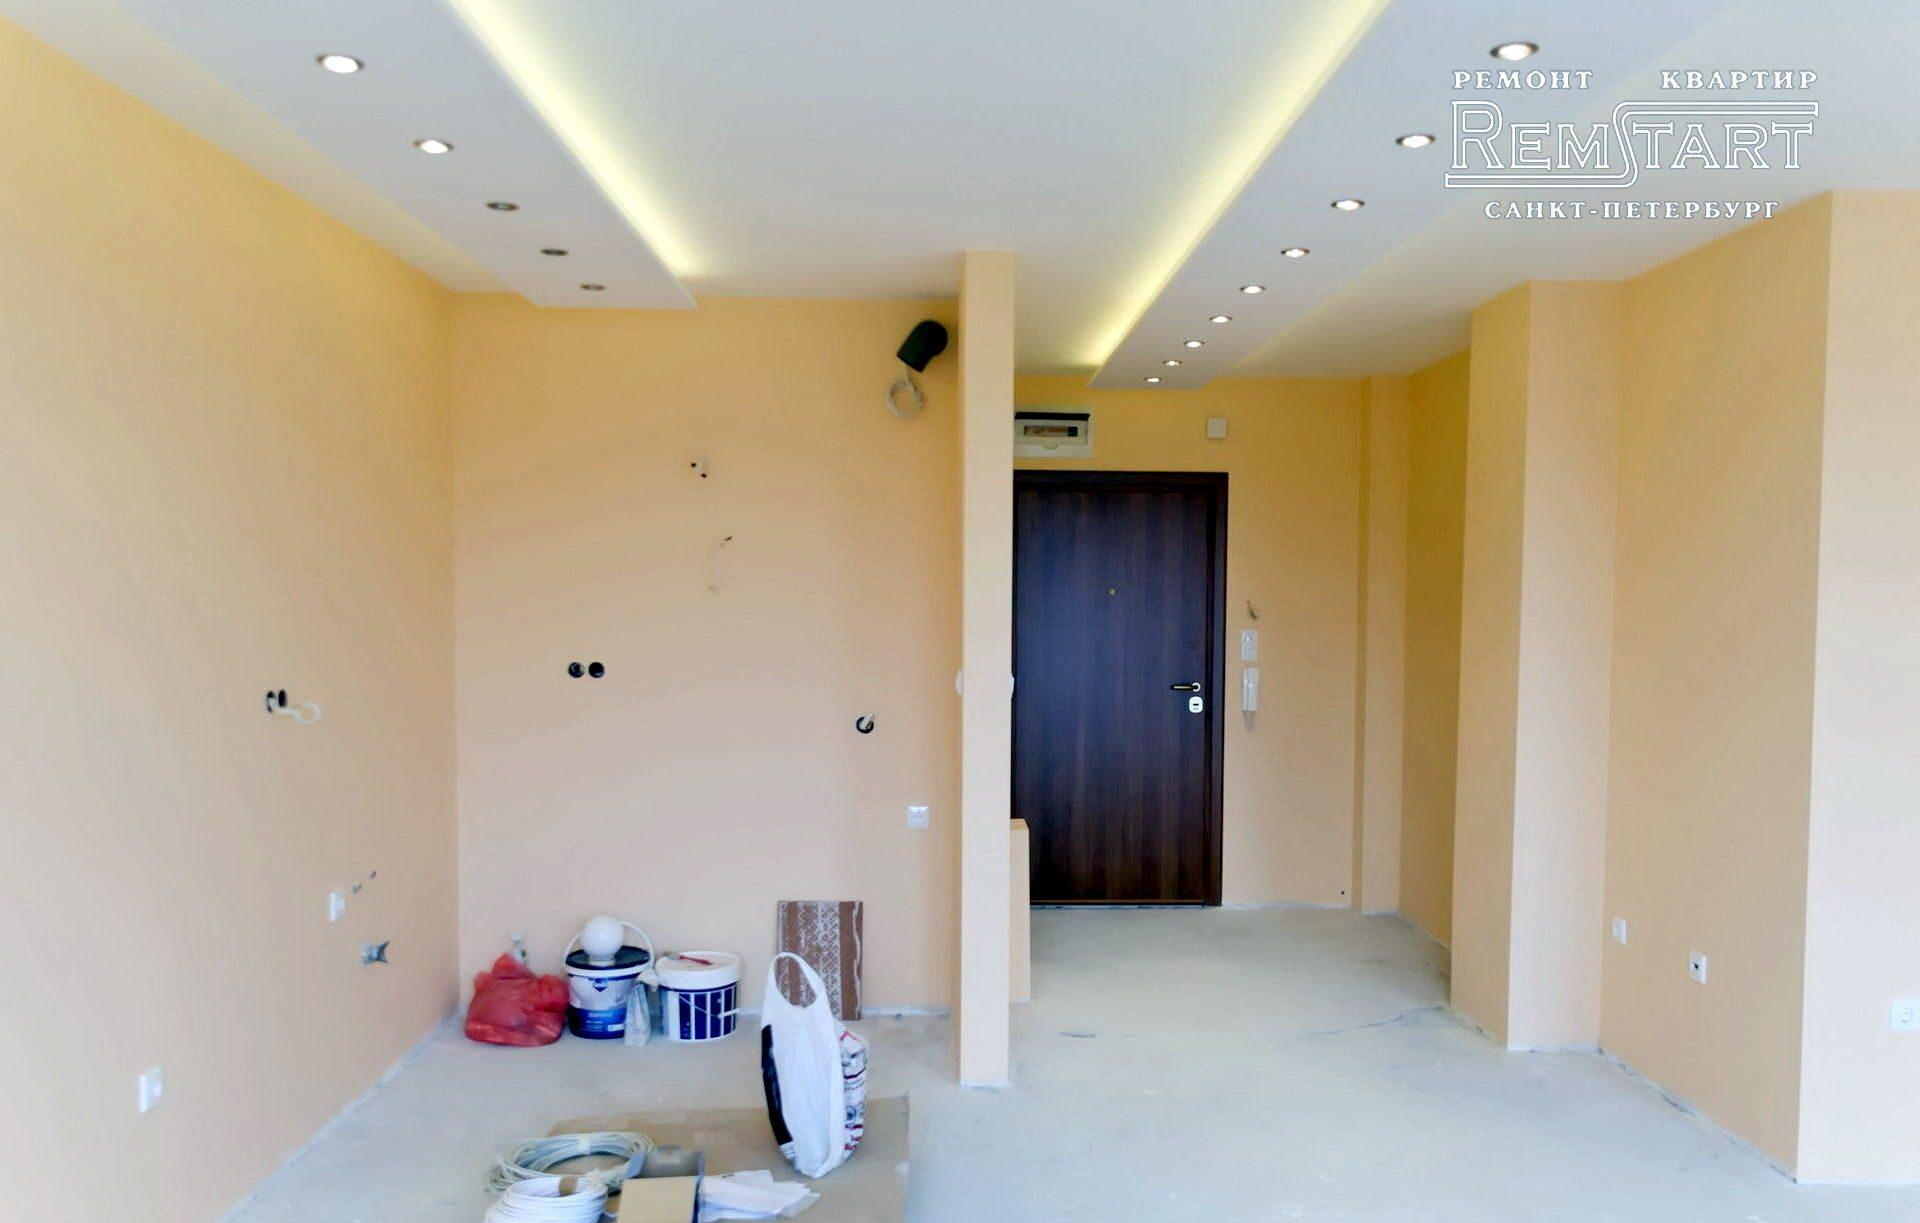 Ремонт квартир - стоимость ремонтно строительных работ в